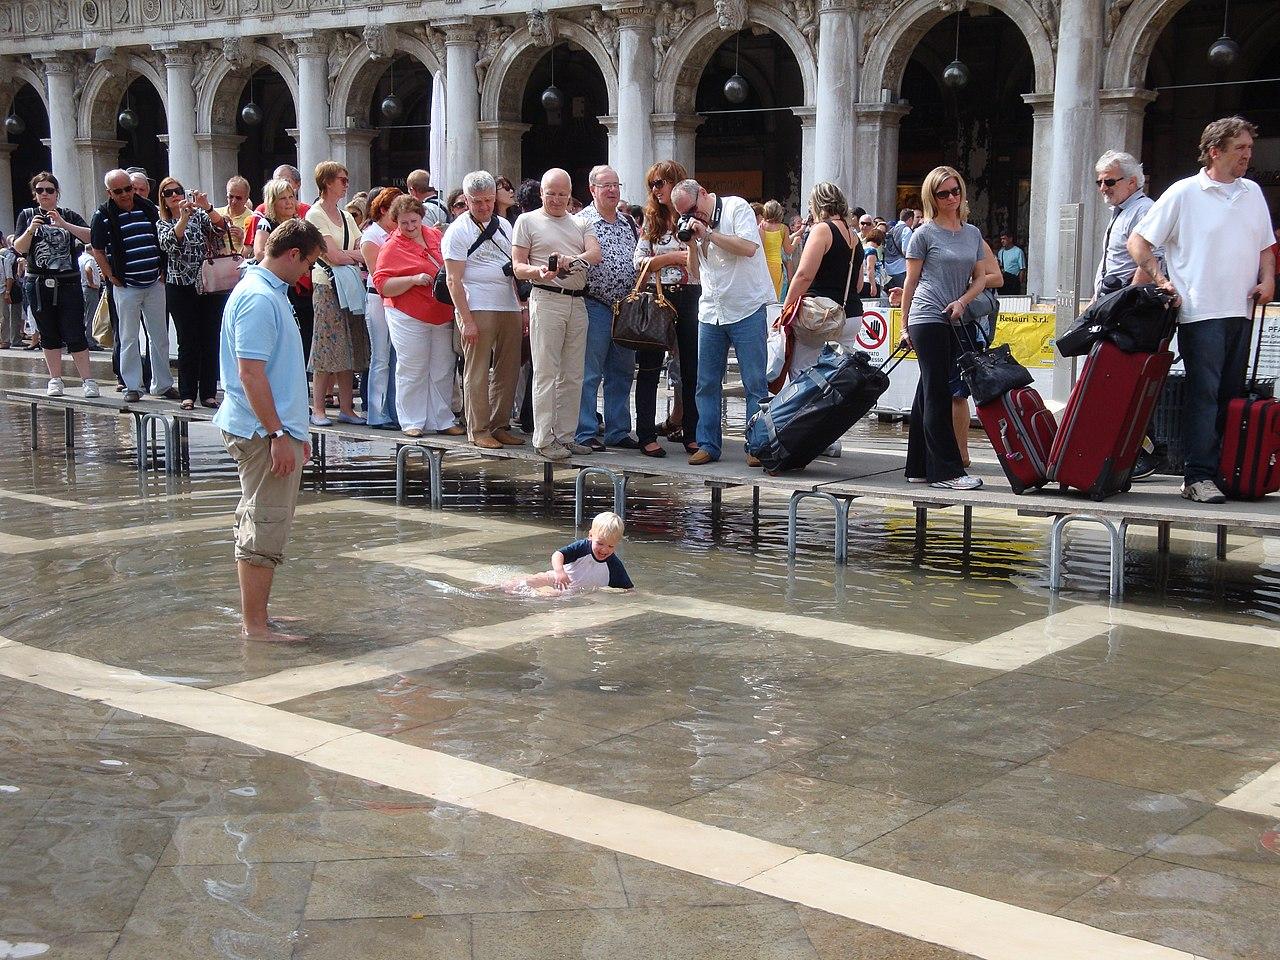 Acqua alta a Venezia nel settembre 2009.jpg